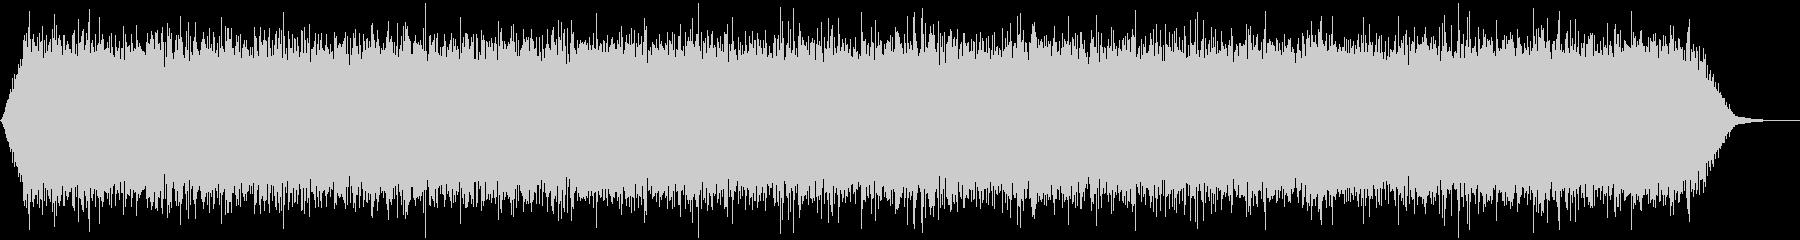 【アンビエント】ドローン_40 実験音の未再生の波形